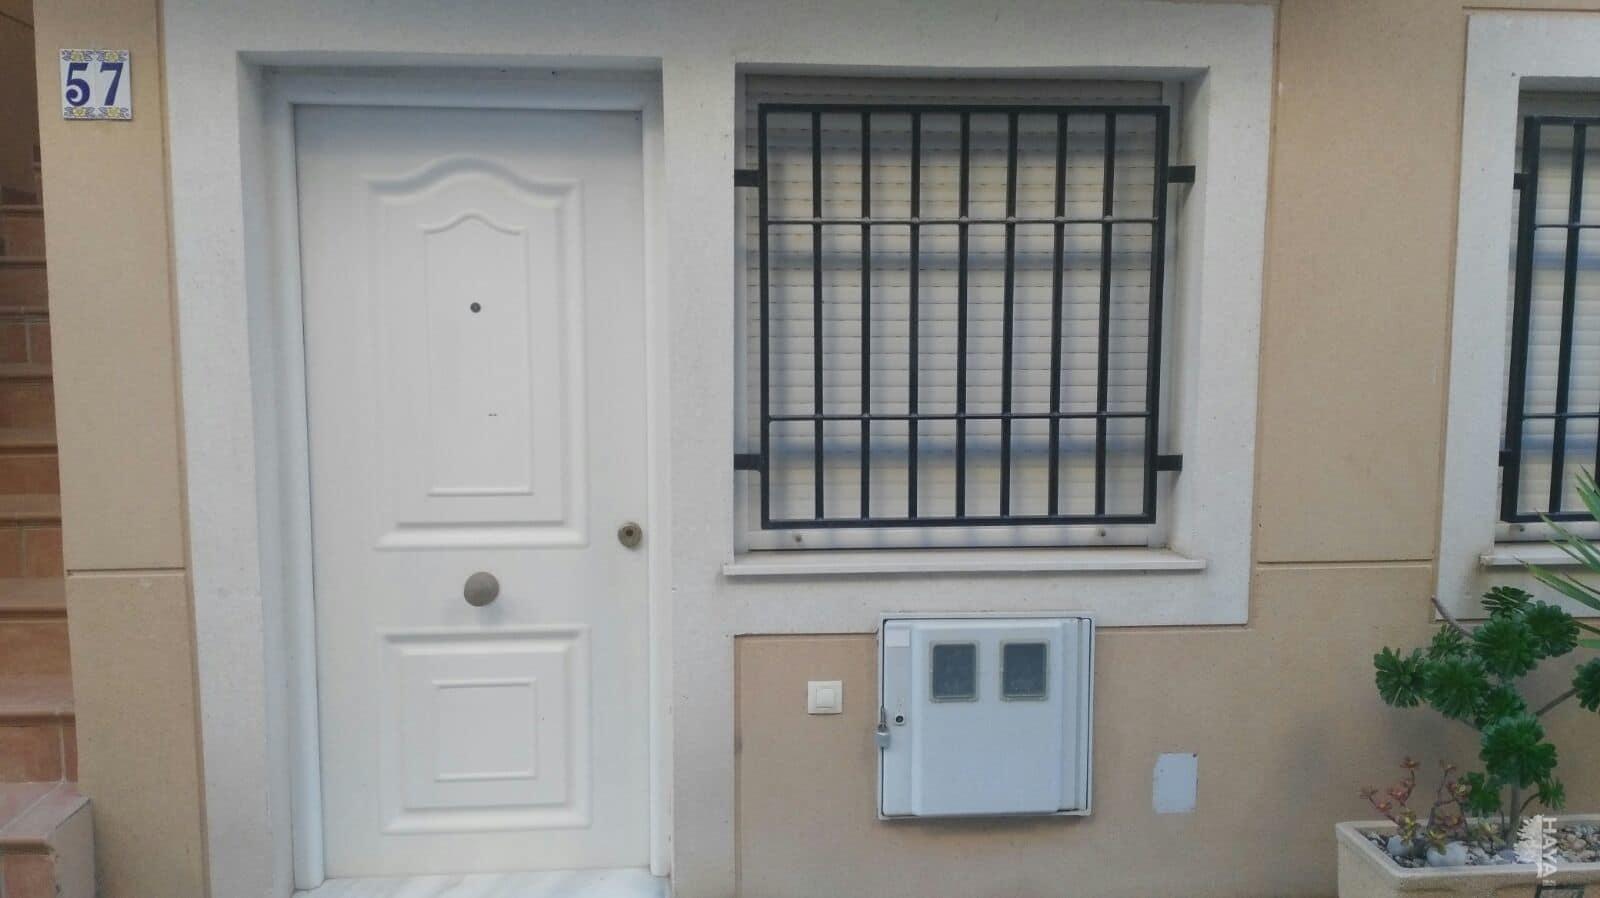 Piso en venta en Palomares, Cuevas del Almanzora, Almería, Calle El Secano, 75.300 €, 2 habitaciones, 1 baño, 62 m2